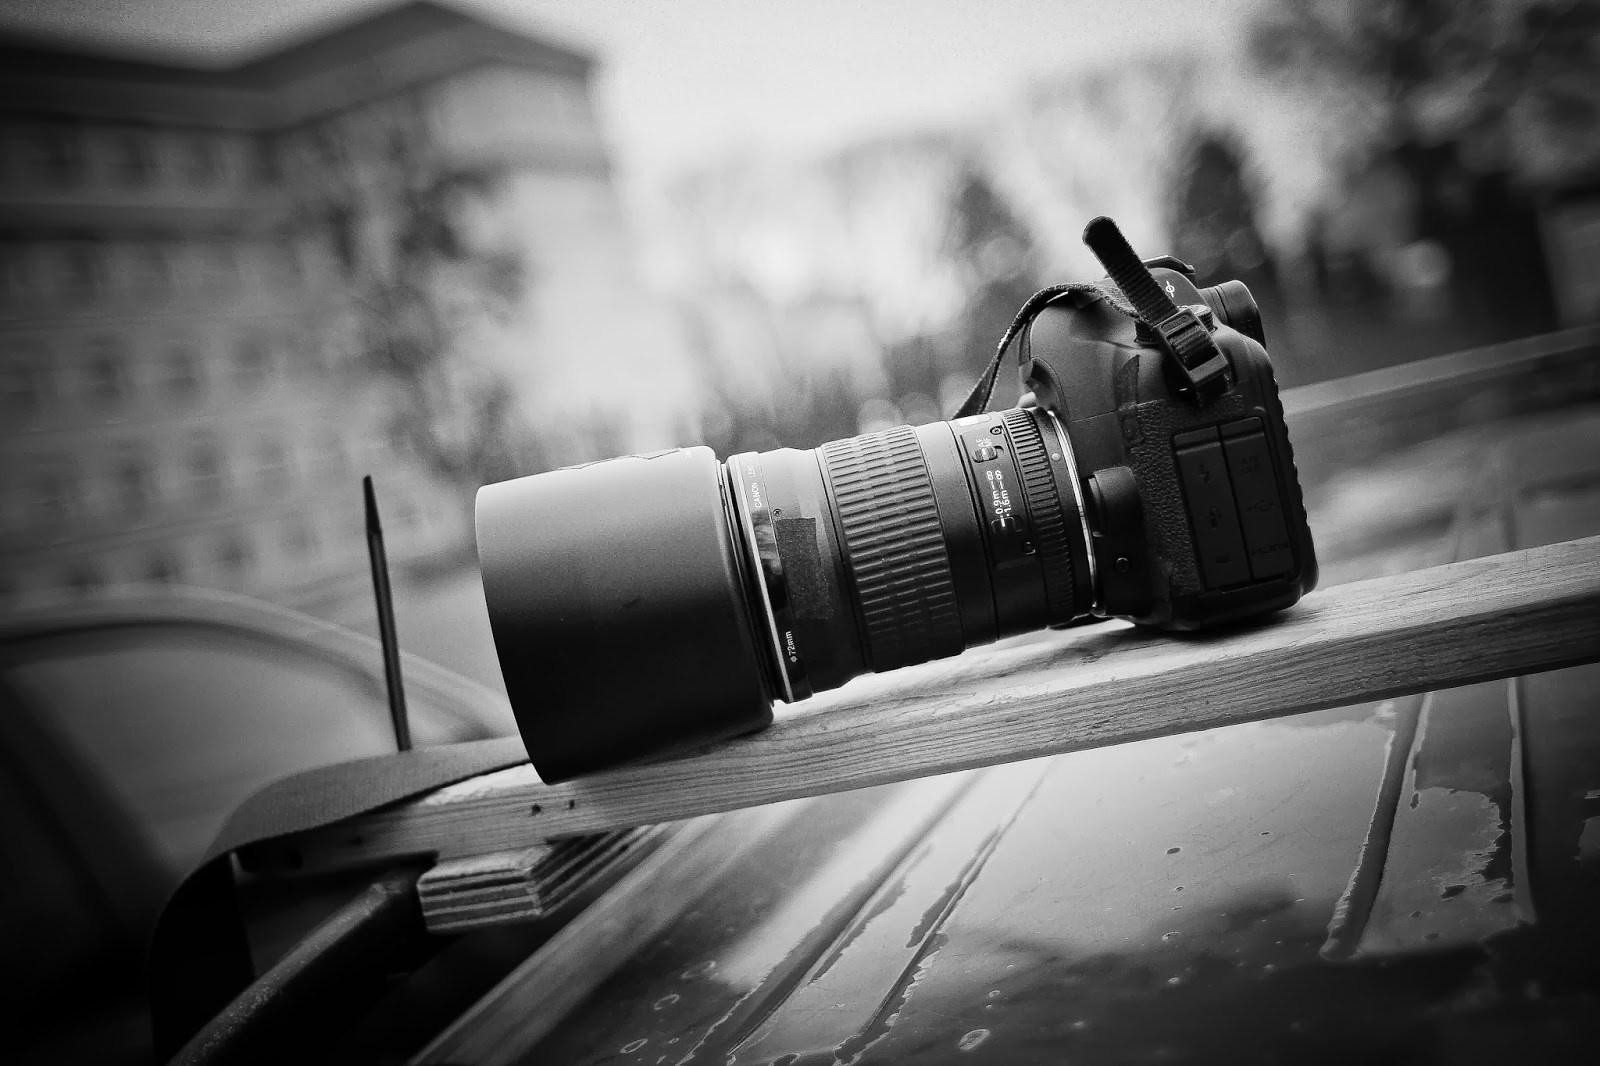 صور صورة دقة عالية , صور و رمزيات للتصميم